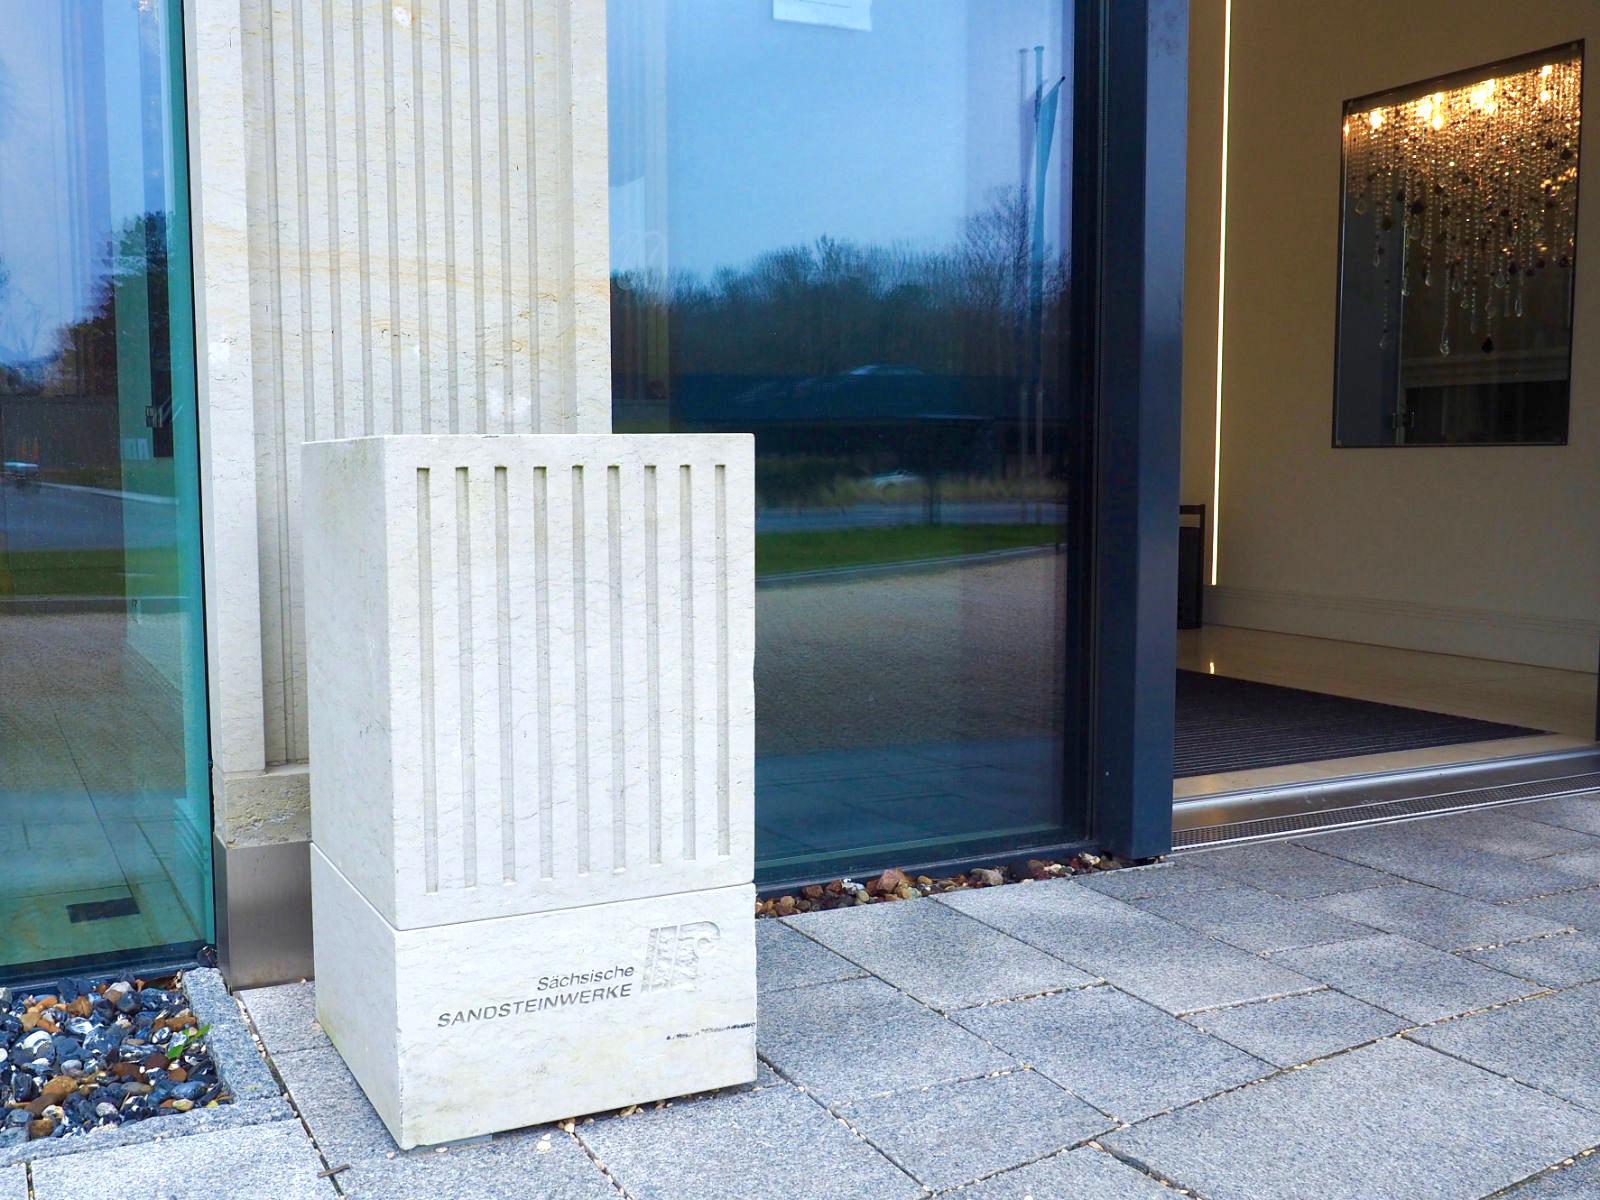 Baugeschichte. Die sächsischen Sandsteinwerke in Pirna, die einst Material für die KdF-Bettenhäuser geliefert haben, waren bei Prora Solitaire für Pilaster und Faschen, die Rahmen um die Öffnungen der Fenster und Türen, wieder gefragt.